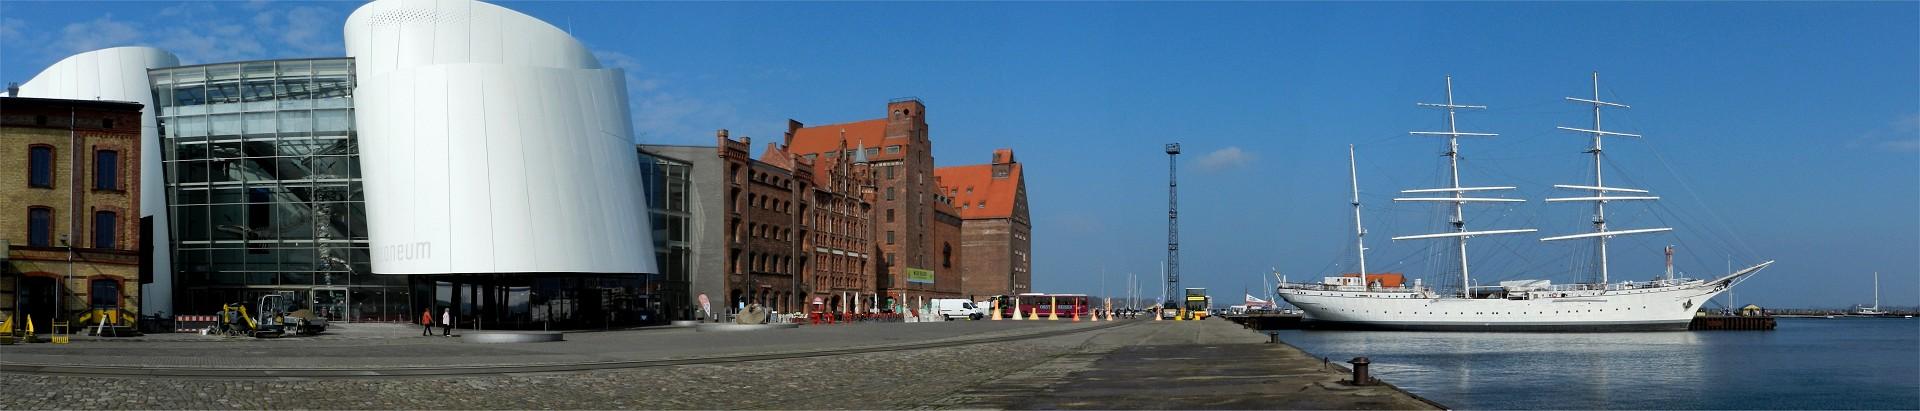 2015 M-V 34 Stralsund Havnen panorama